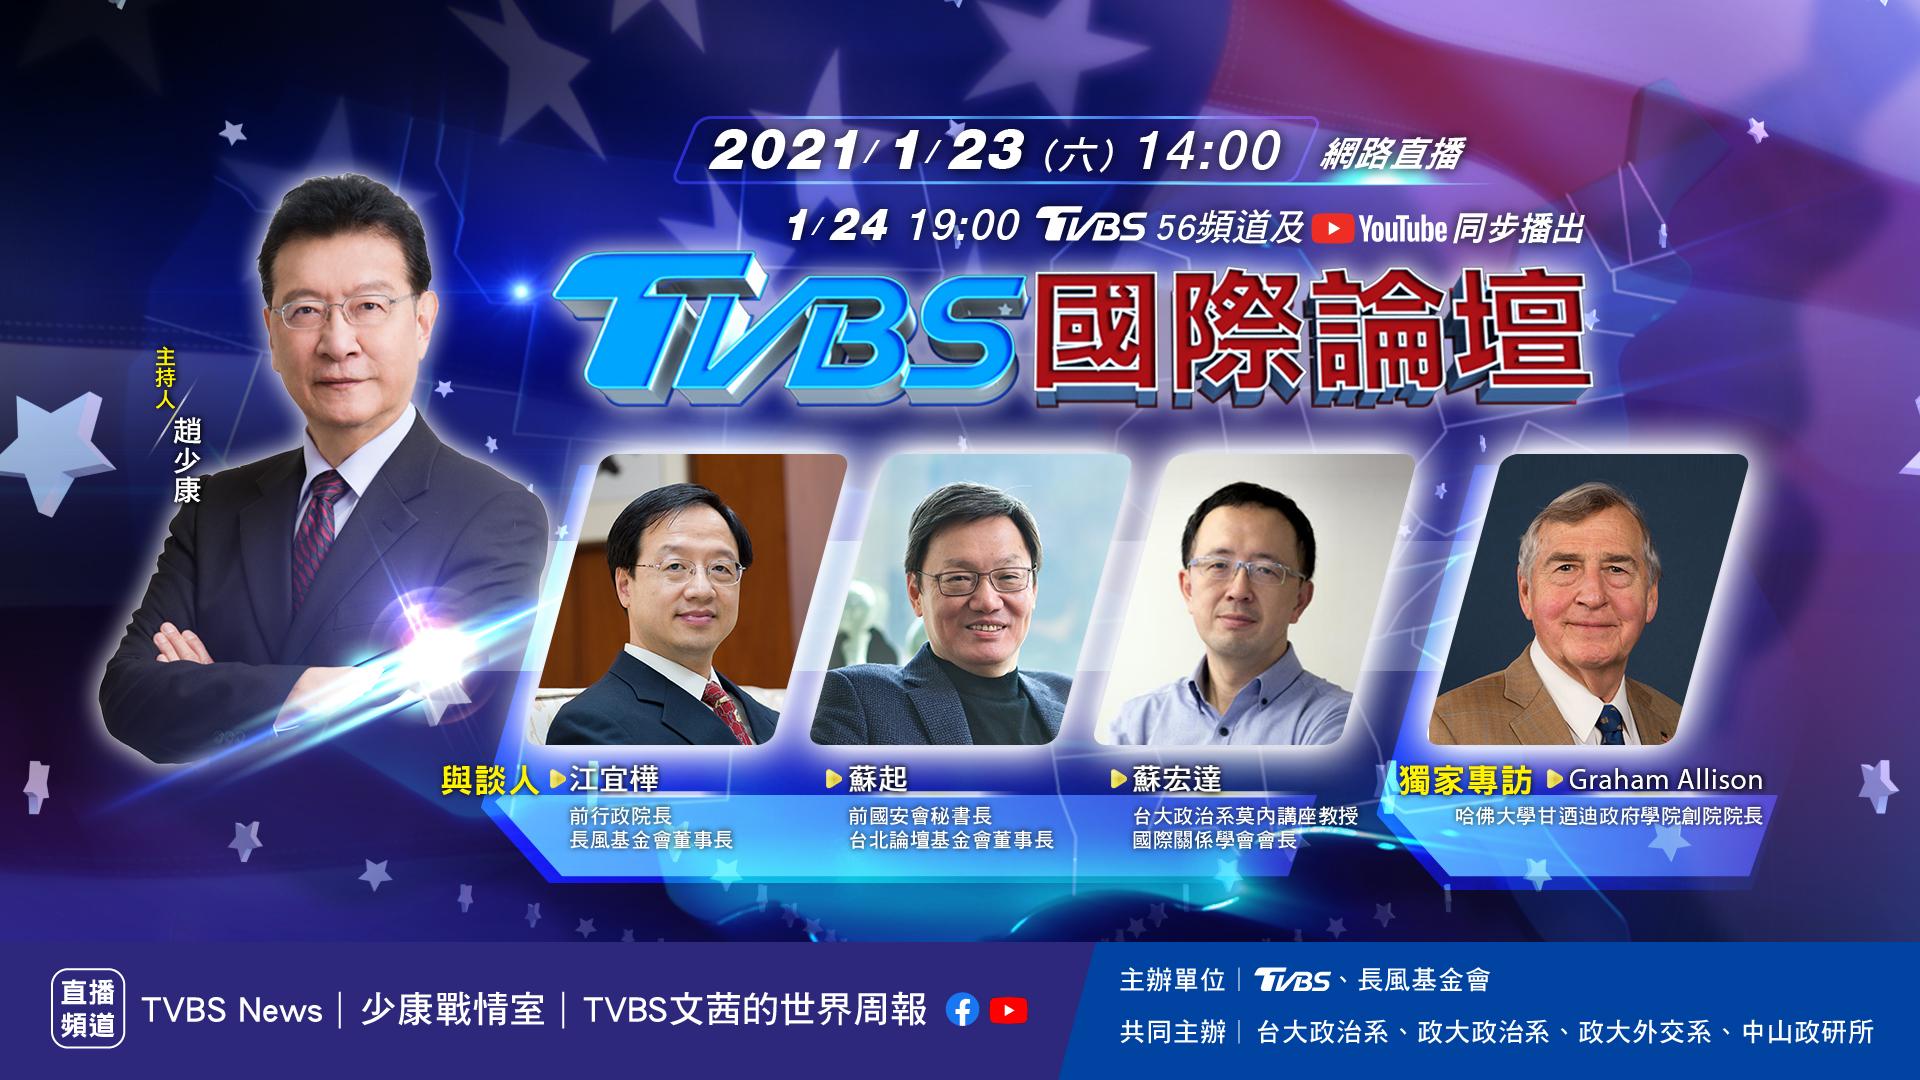 分析國際局勢、解讀美中台關係,TVBS國際論壇將於1/23登場。(圖/TVBS) 美改朝換代 TVBS 56頻道直播拜登就職 1/23獨家專訪哈佛學者艾利森